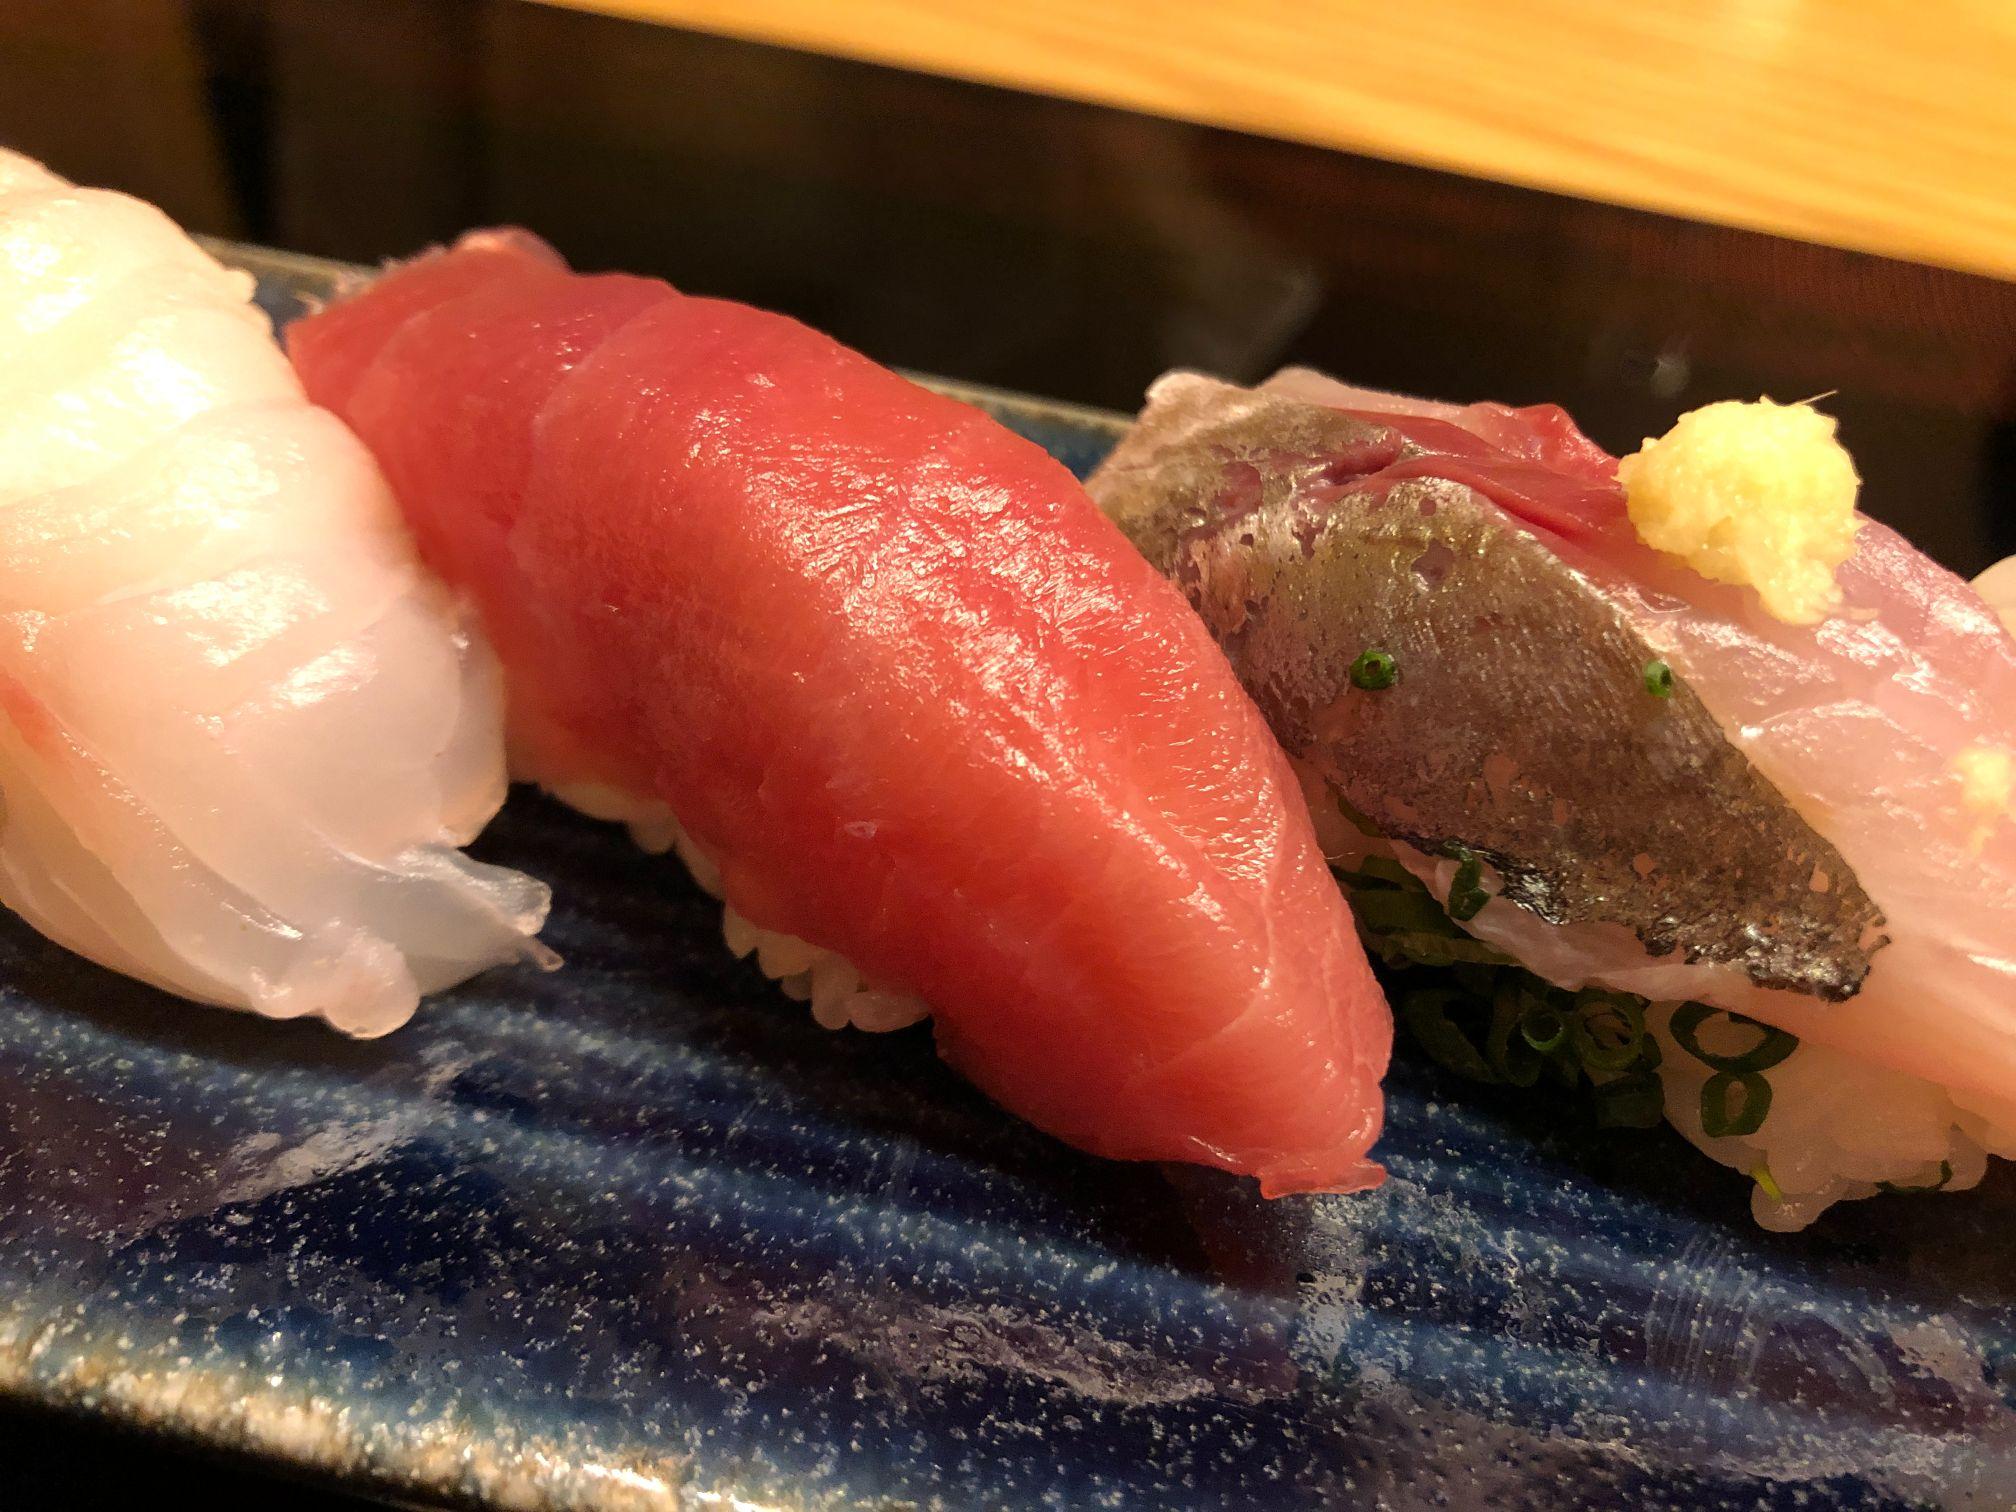 寿司は大正義!風凜 大宮でただただ美味しい寿司を食べてきたお話